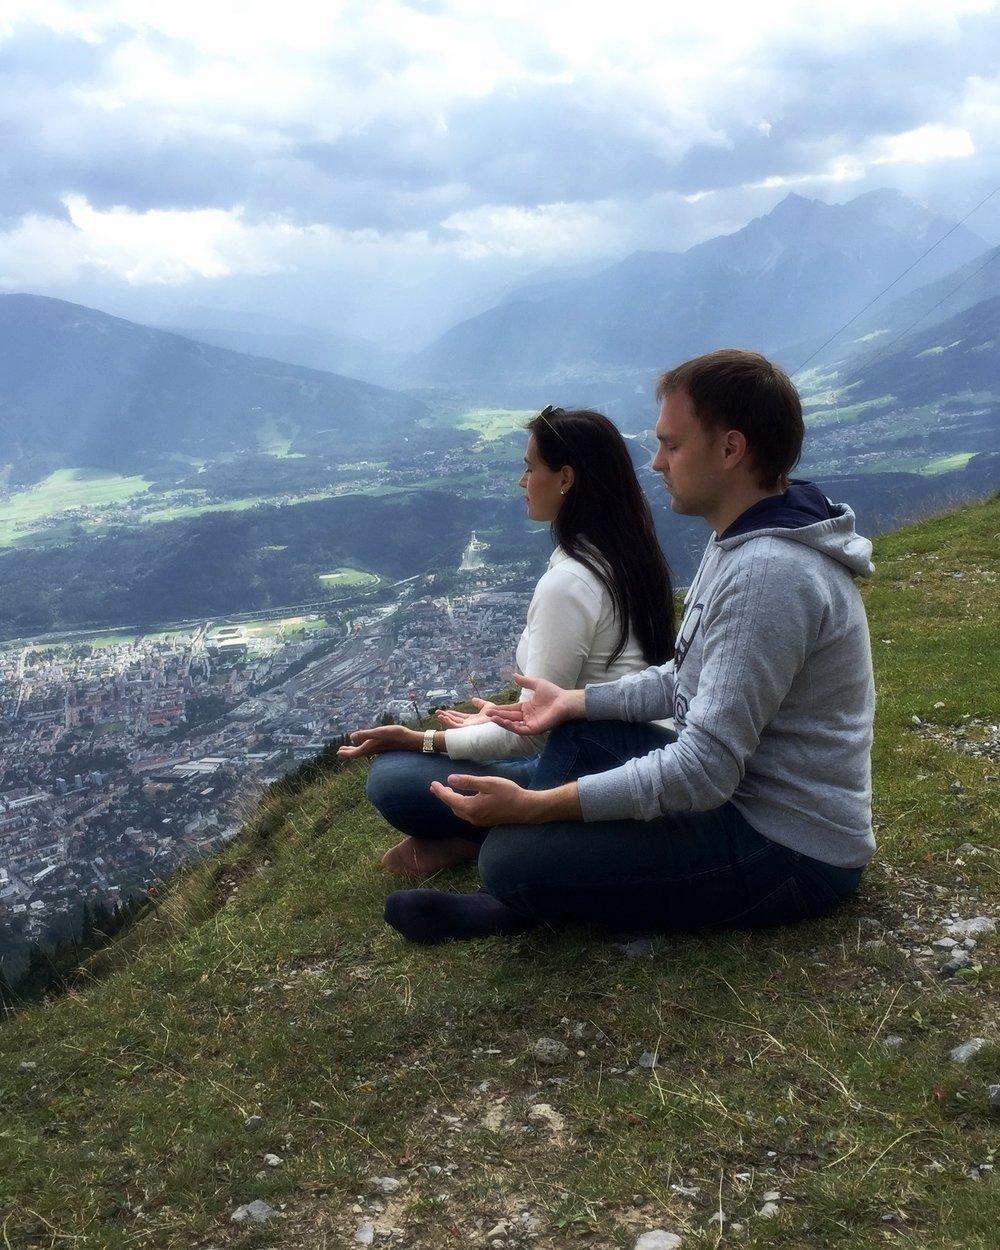 冥想一詞在近年來成為一種時髦用語 - 但是這代表什麼意思呢?